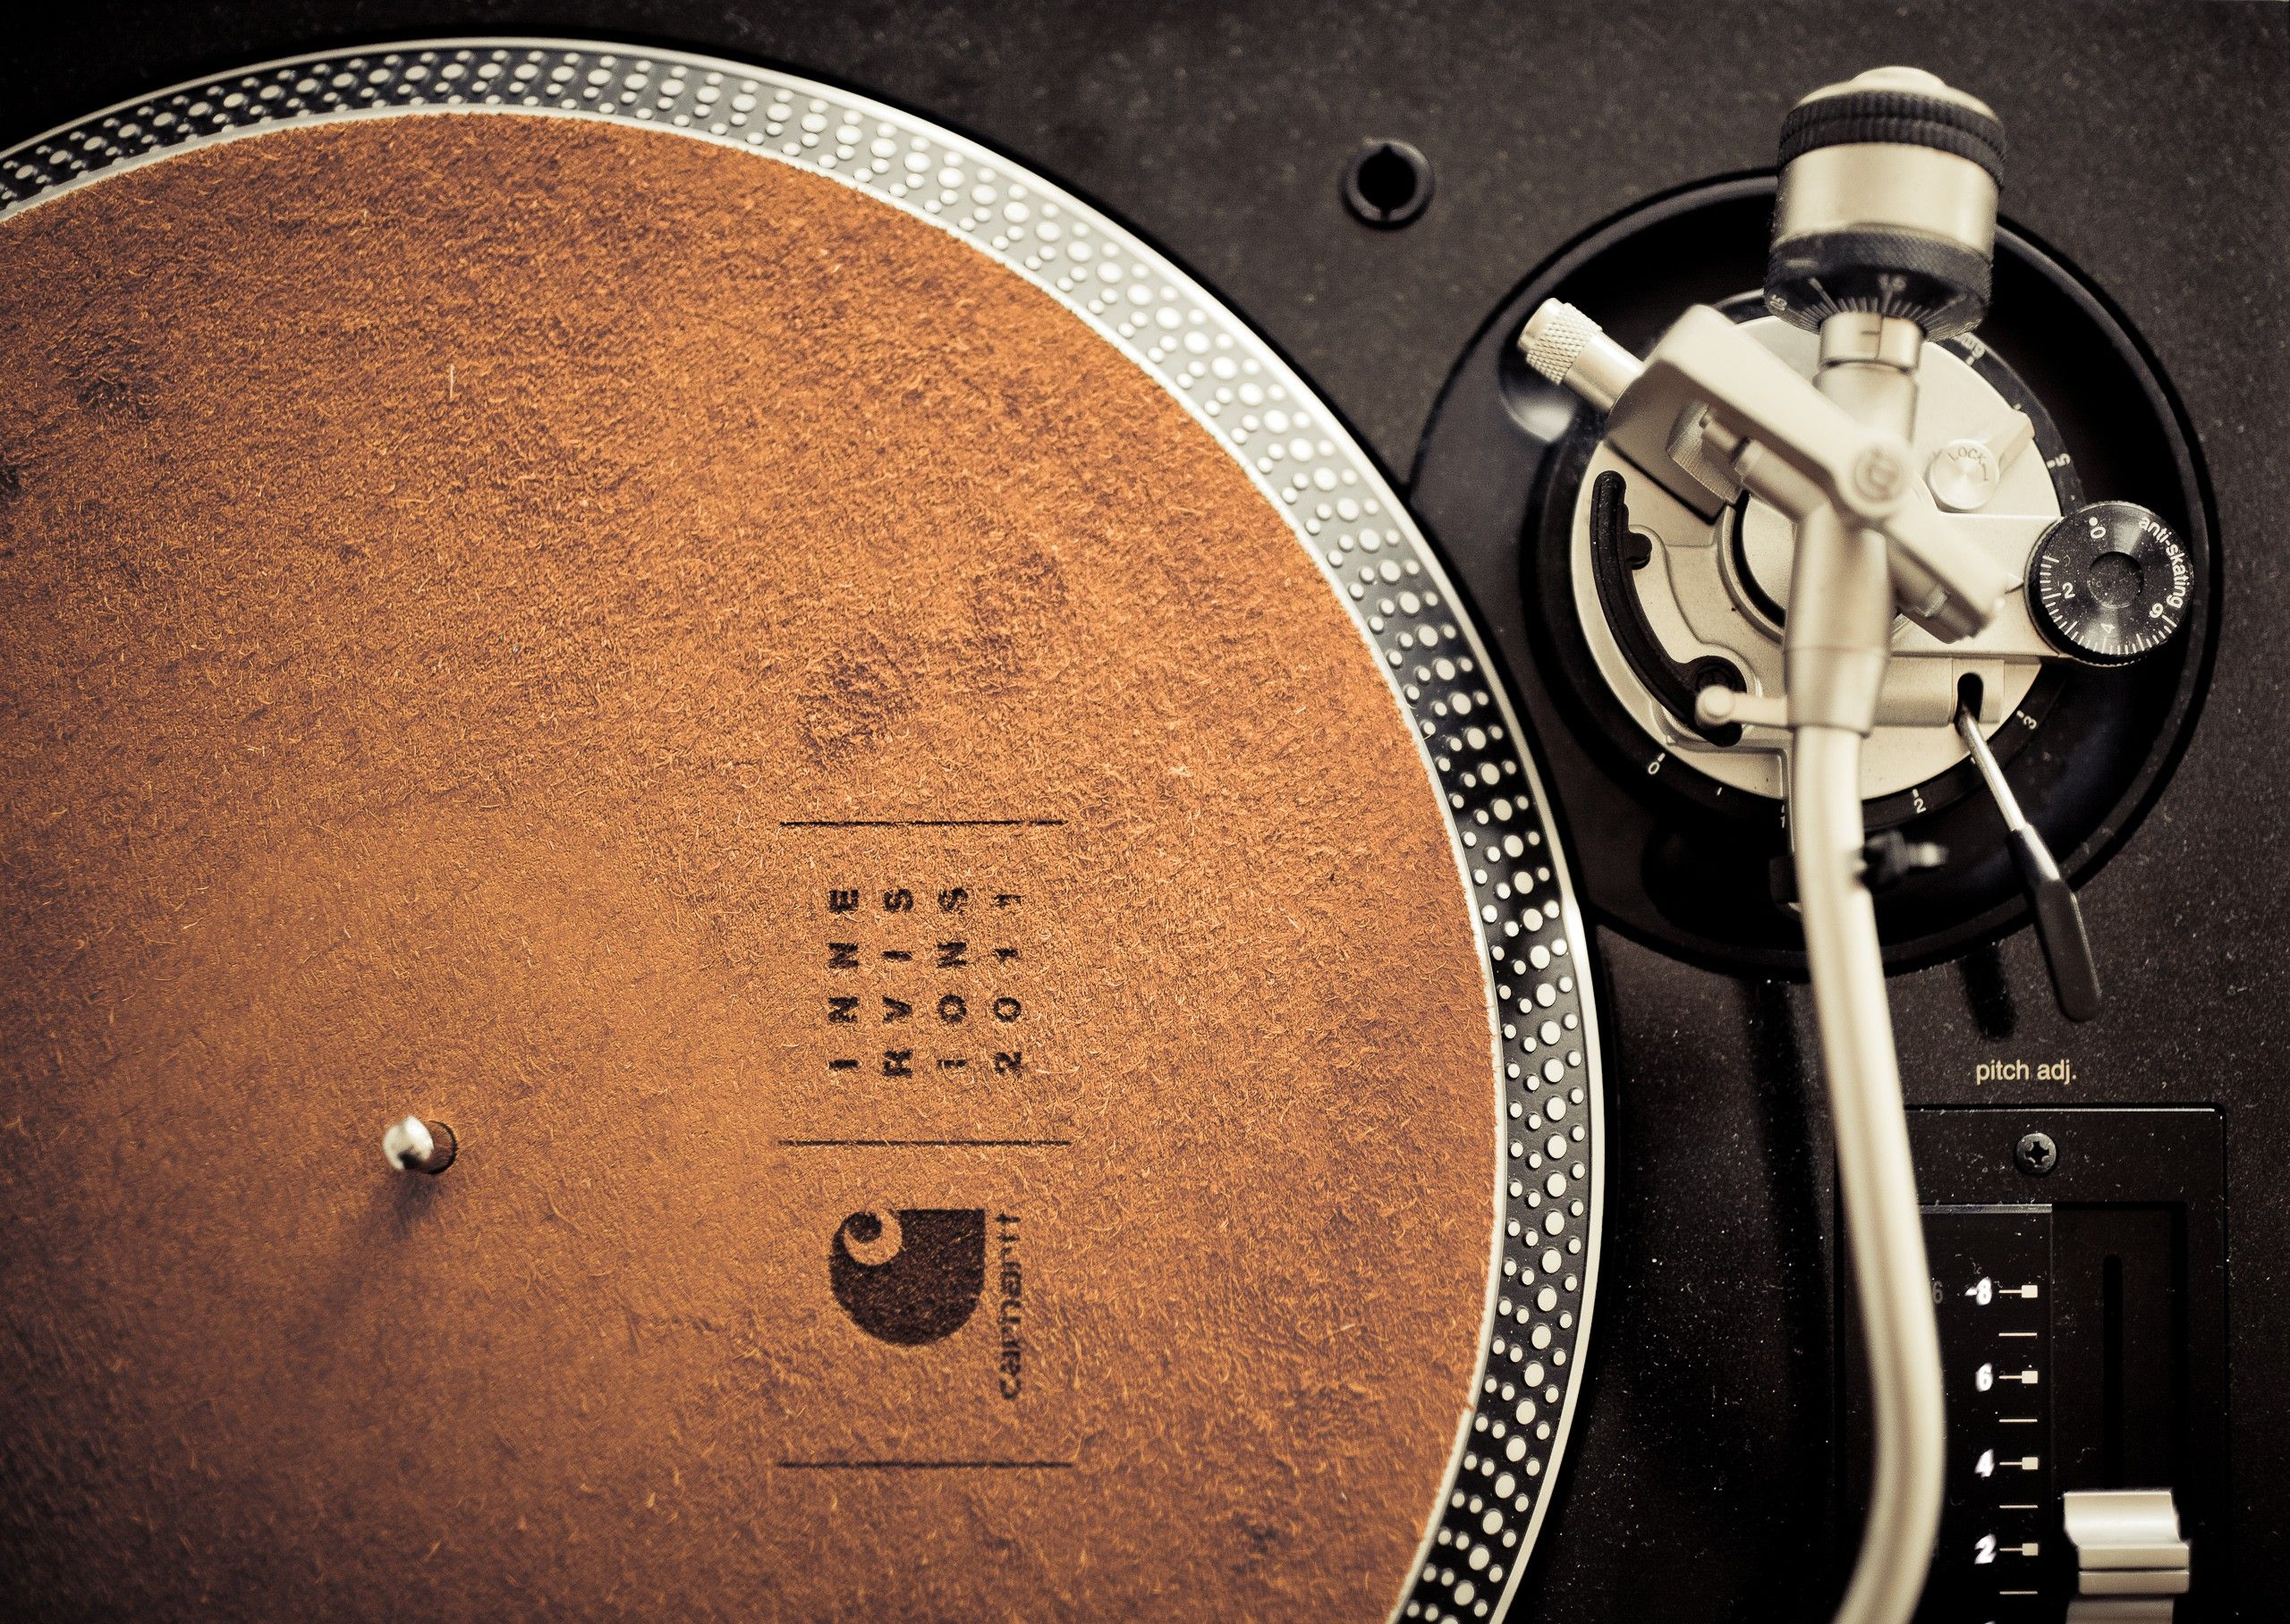 Music Vinyl Wallpaper - http://wallpaperzoo.com/music-vinyl-wallpaper-16319.html #MusicVinyl ...